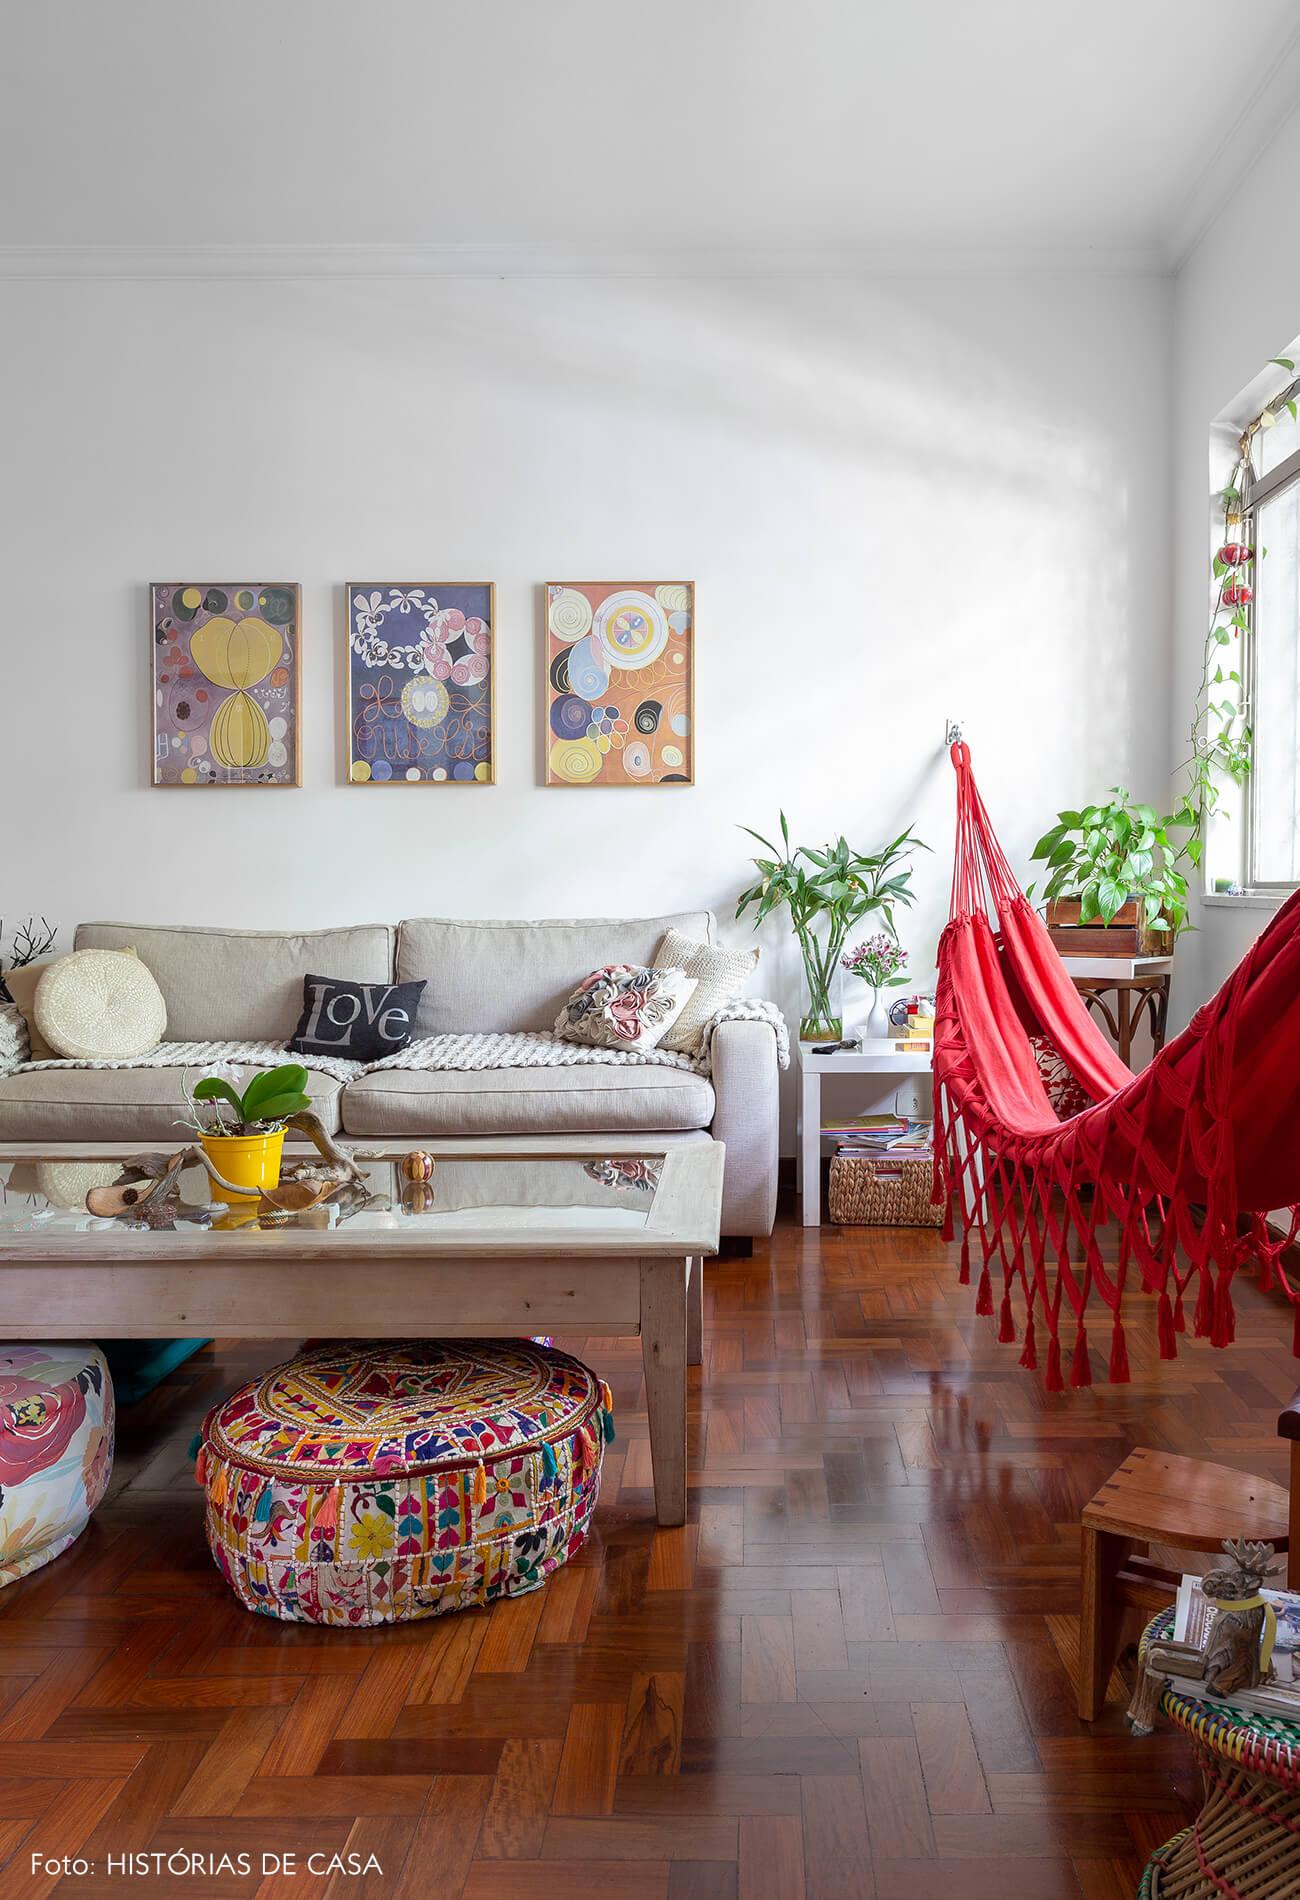 decoração sala com soda cinzapufes coloridos e rede vermelha